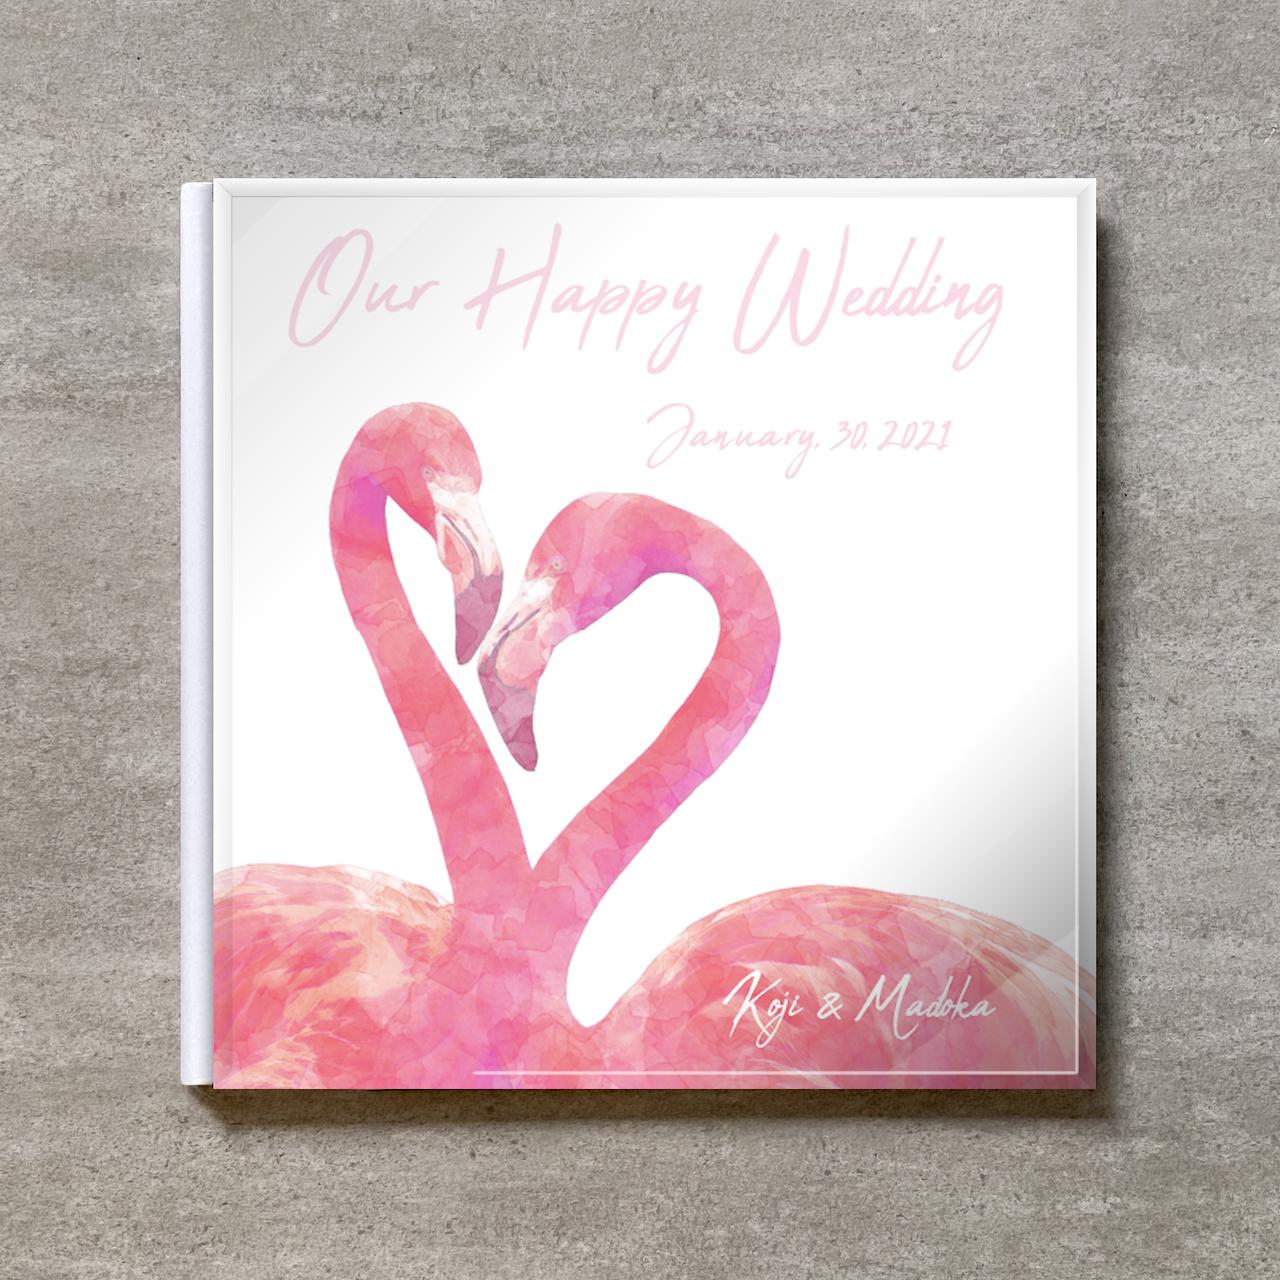 White Flamingo_250SQ_30ページ/50カット_スリムフラット(アクリルカバー)